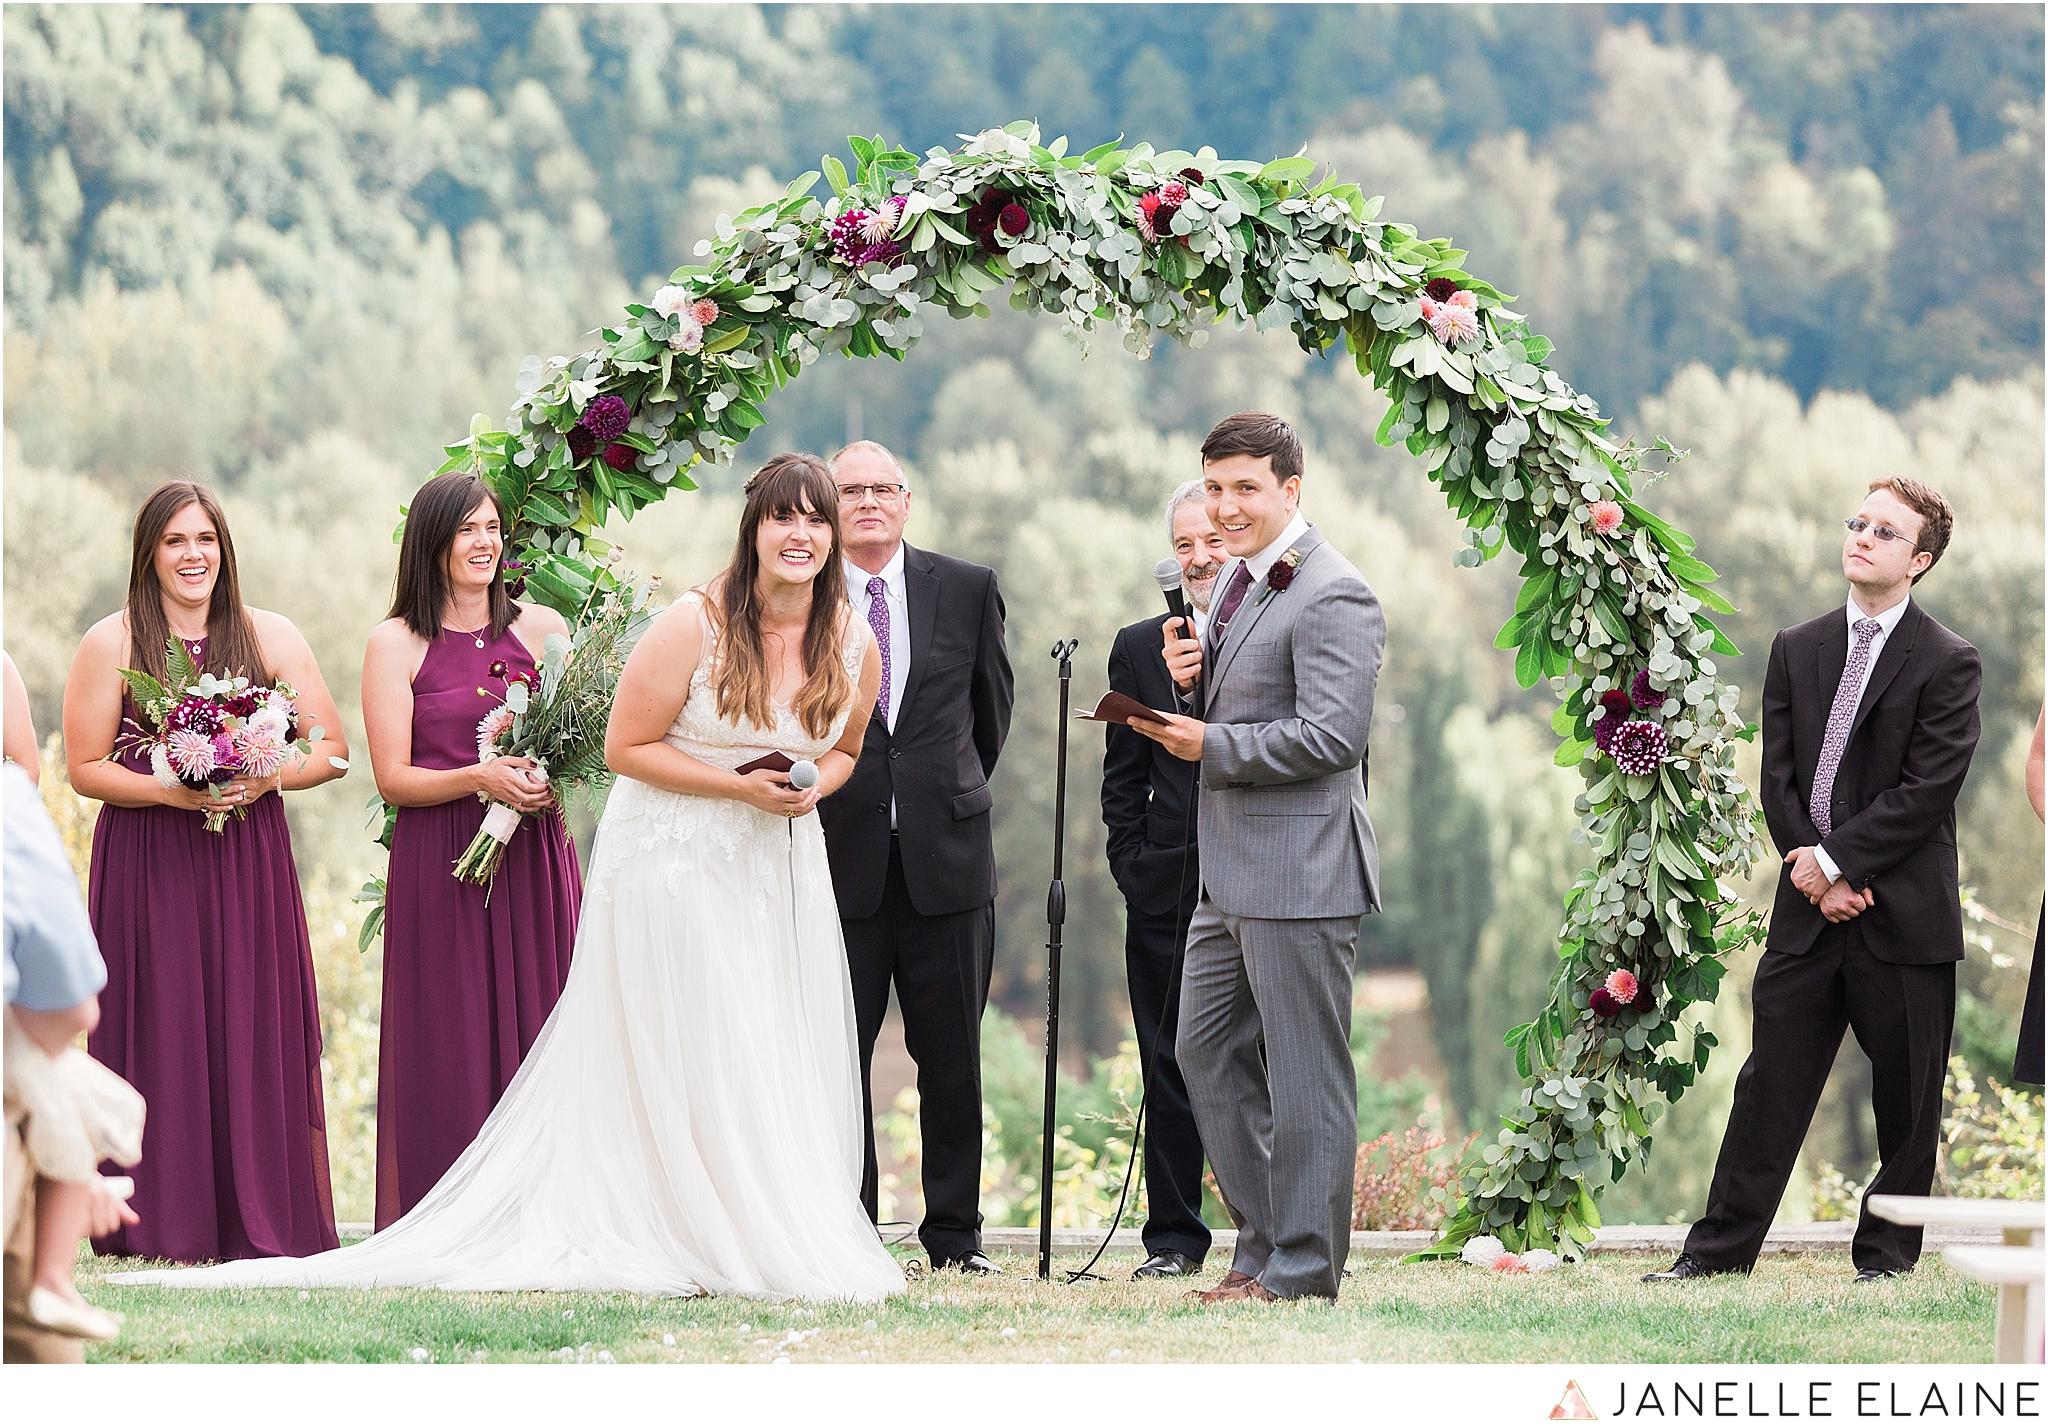 seattle-portrait-engagement-wedding-photographer-janelle-elaine-photography-61.jpg